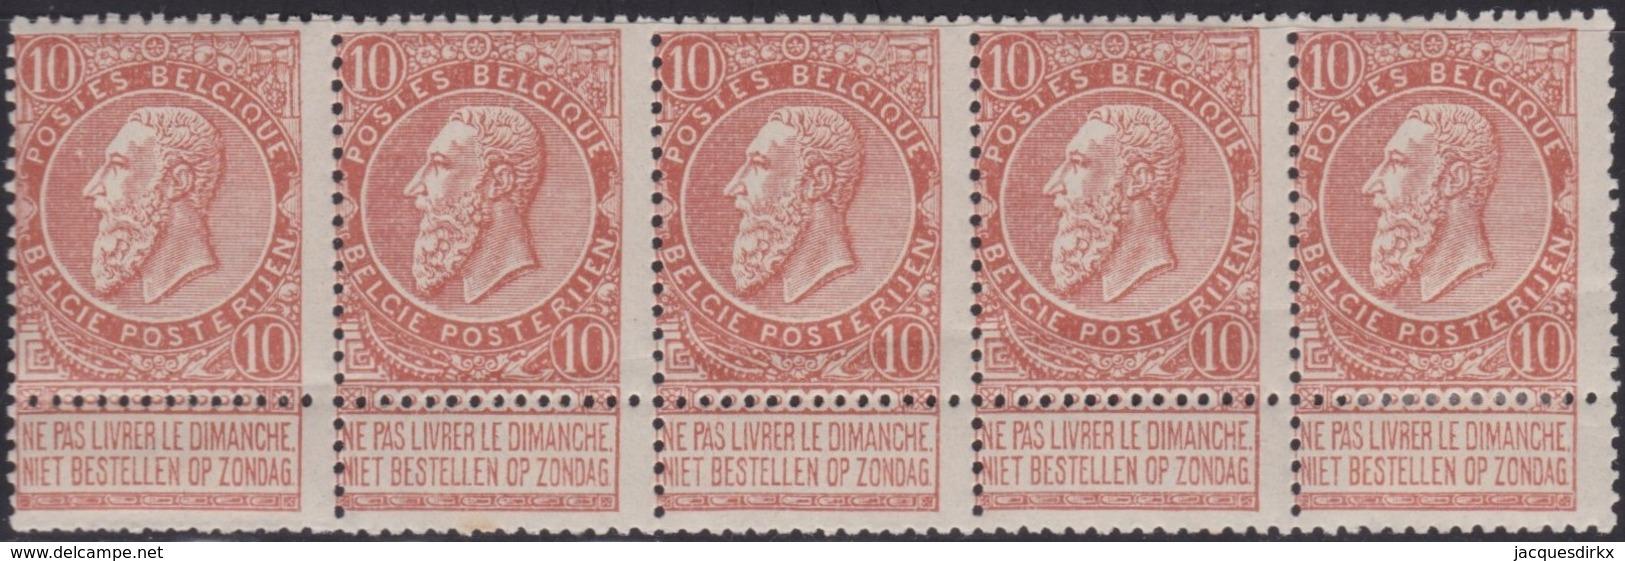 Belgie   .  OBP  .   57  5x  (1 Zegel:  *)     .    **   .     Postfris    .  /   .  Neuf Sans Charniere - 1893-1900 Barba Corta